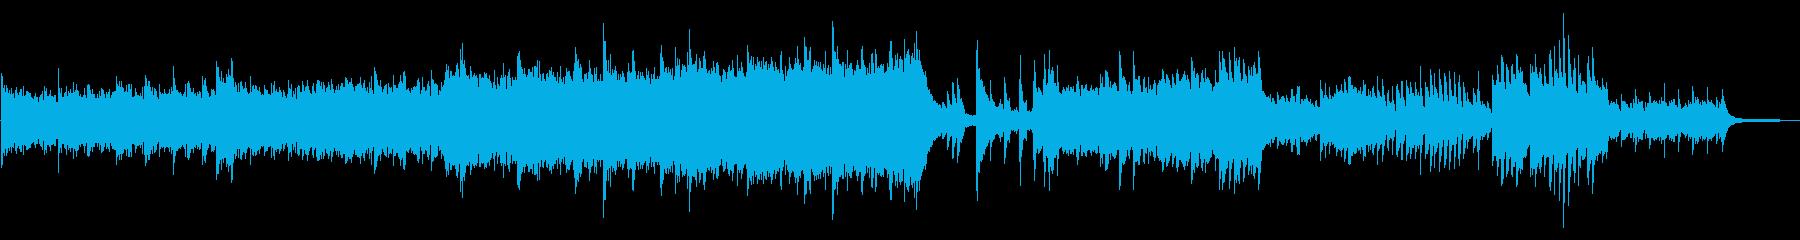 綺麗なピアノの幻想的な曲の再生済みの波形